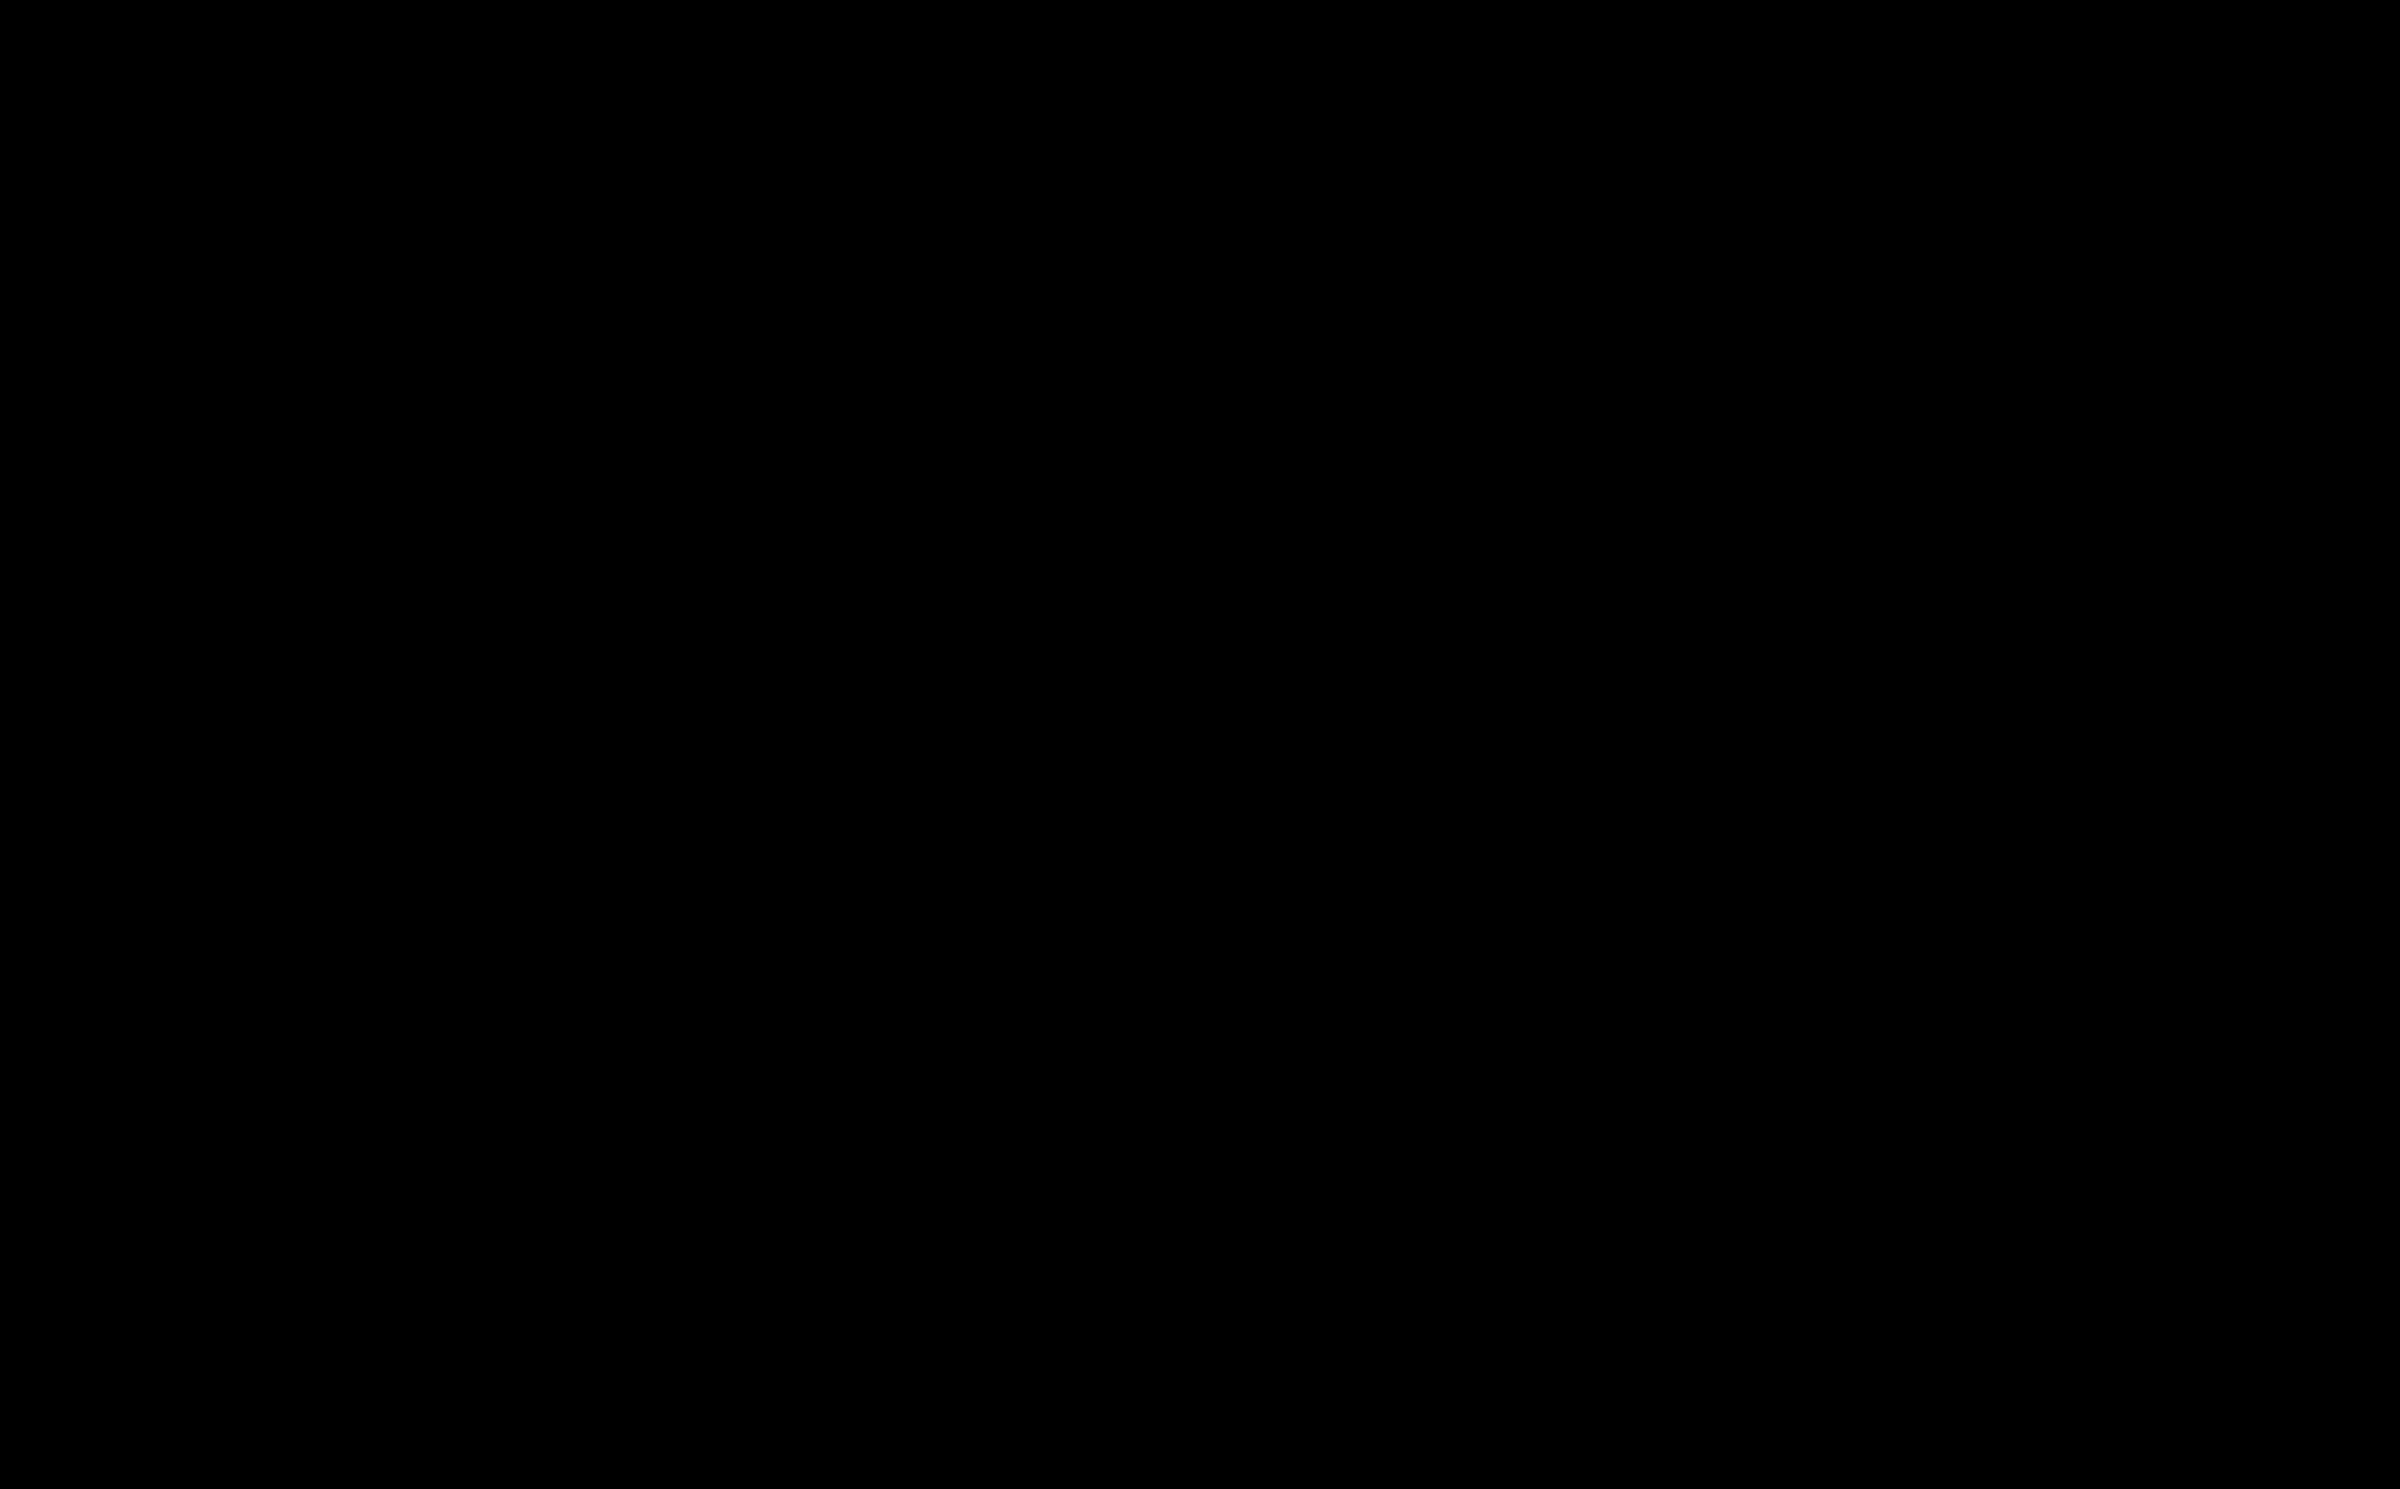 Clipart Noah S Ark